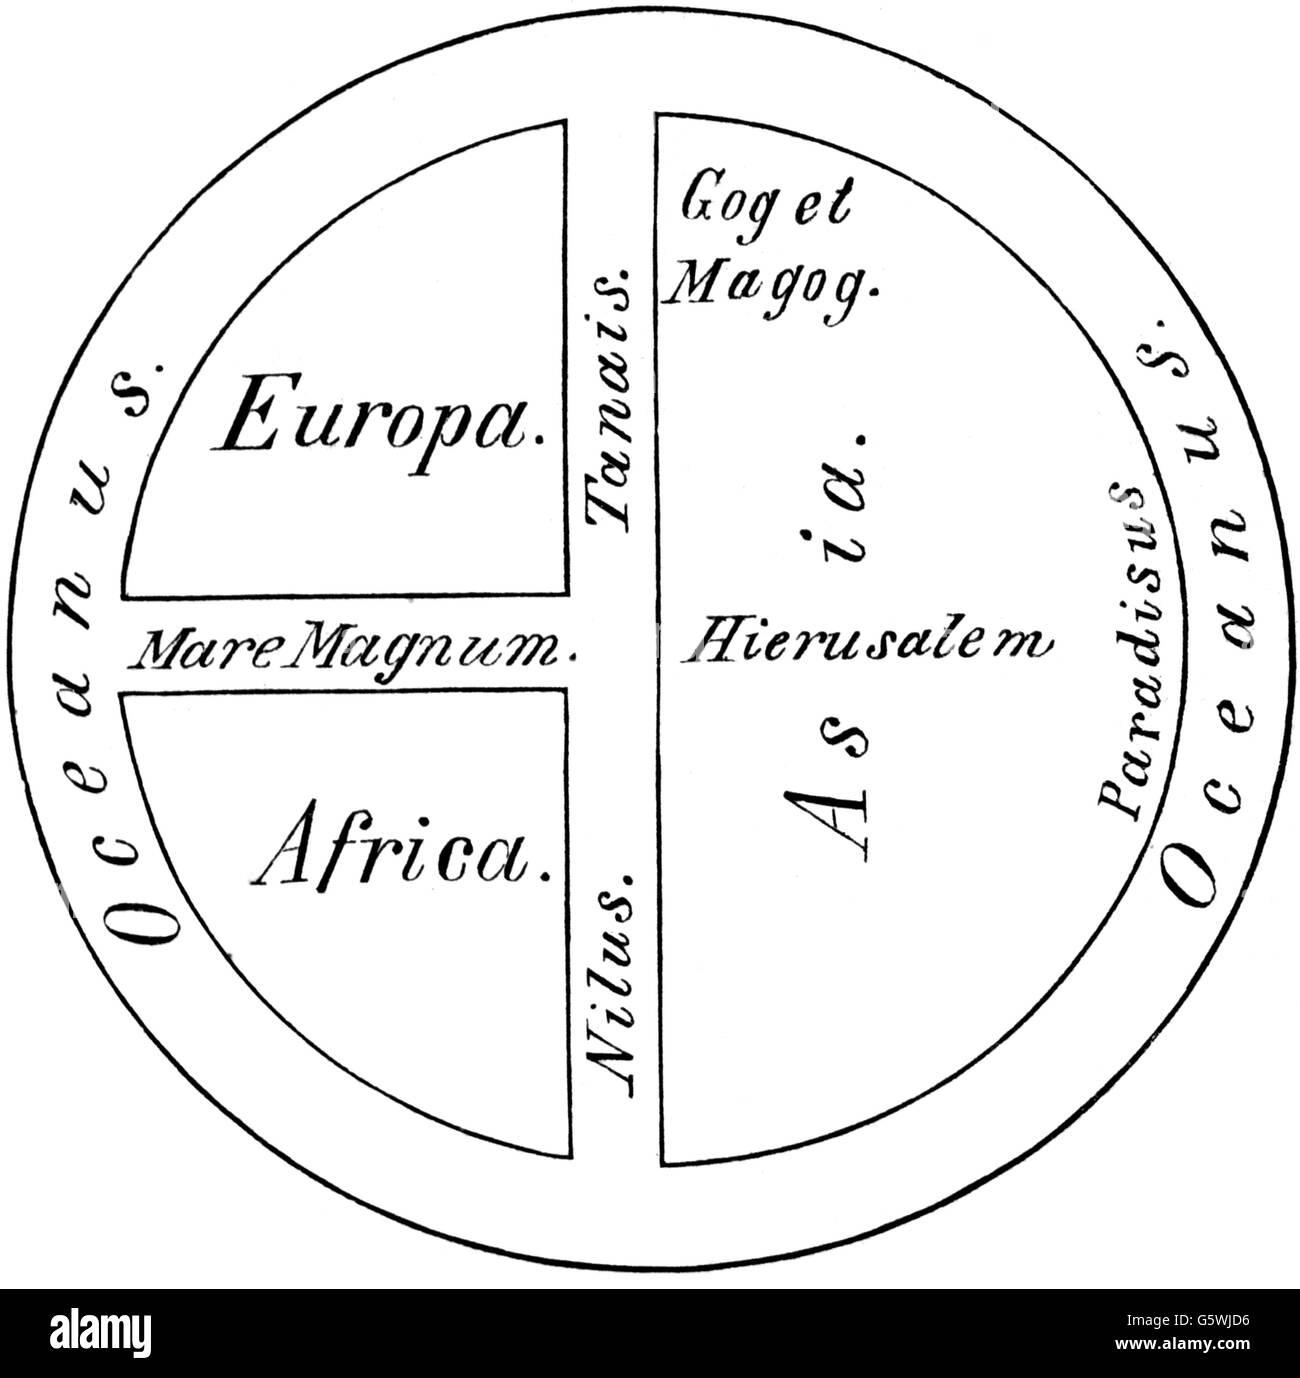 Cartografia Mapas Del Mundo T Y O Mapa 7ª 8ª Siglo La